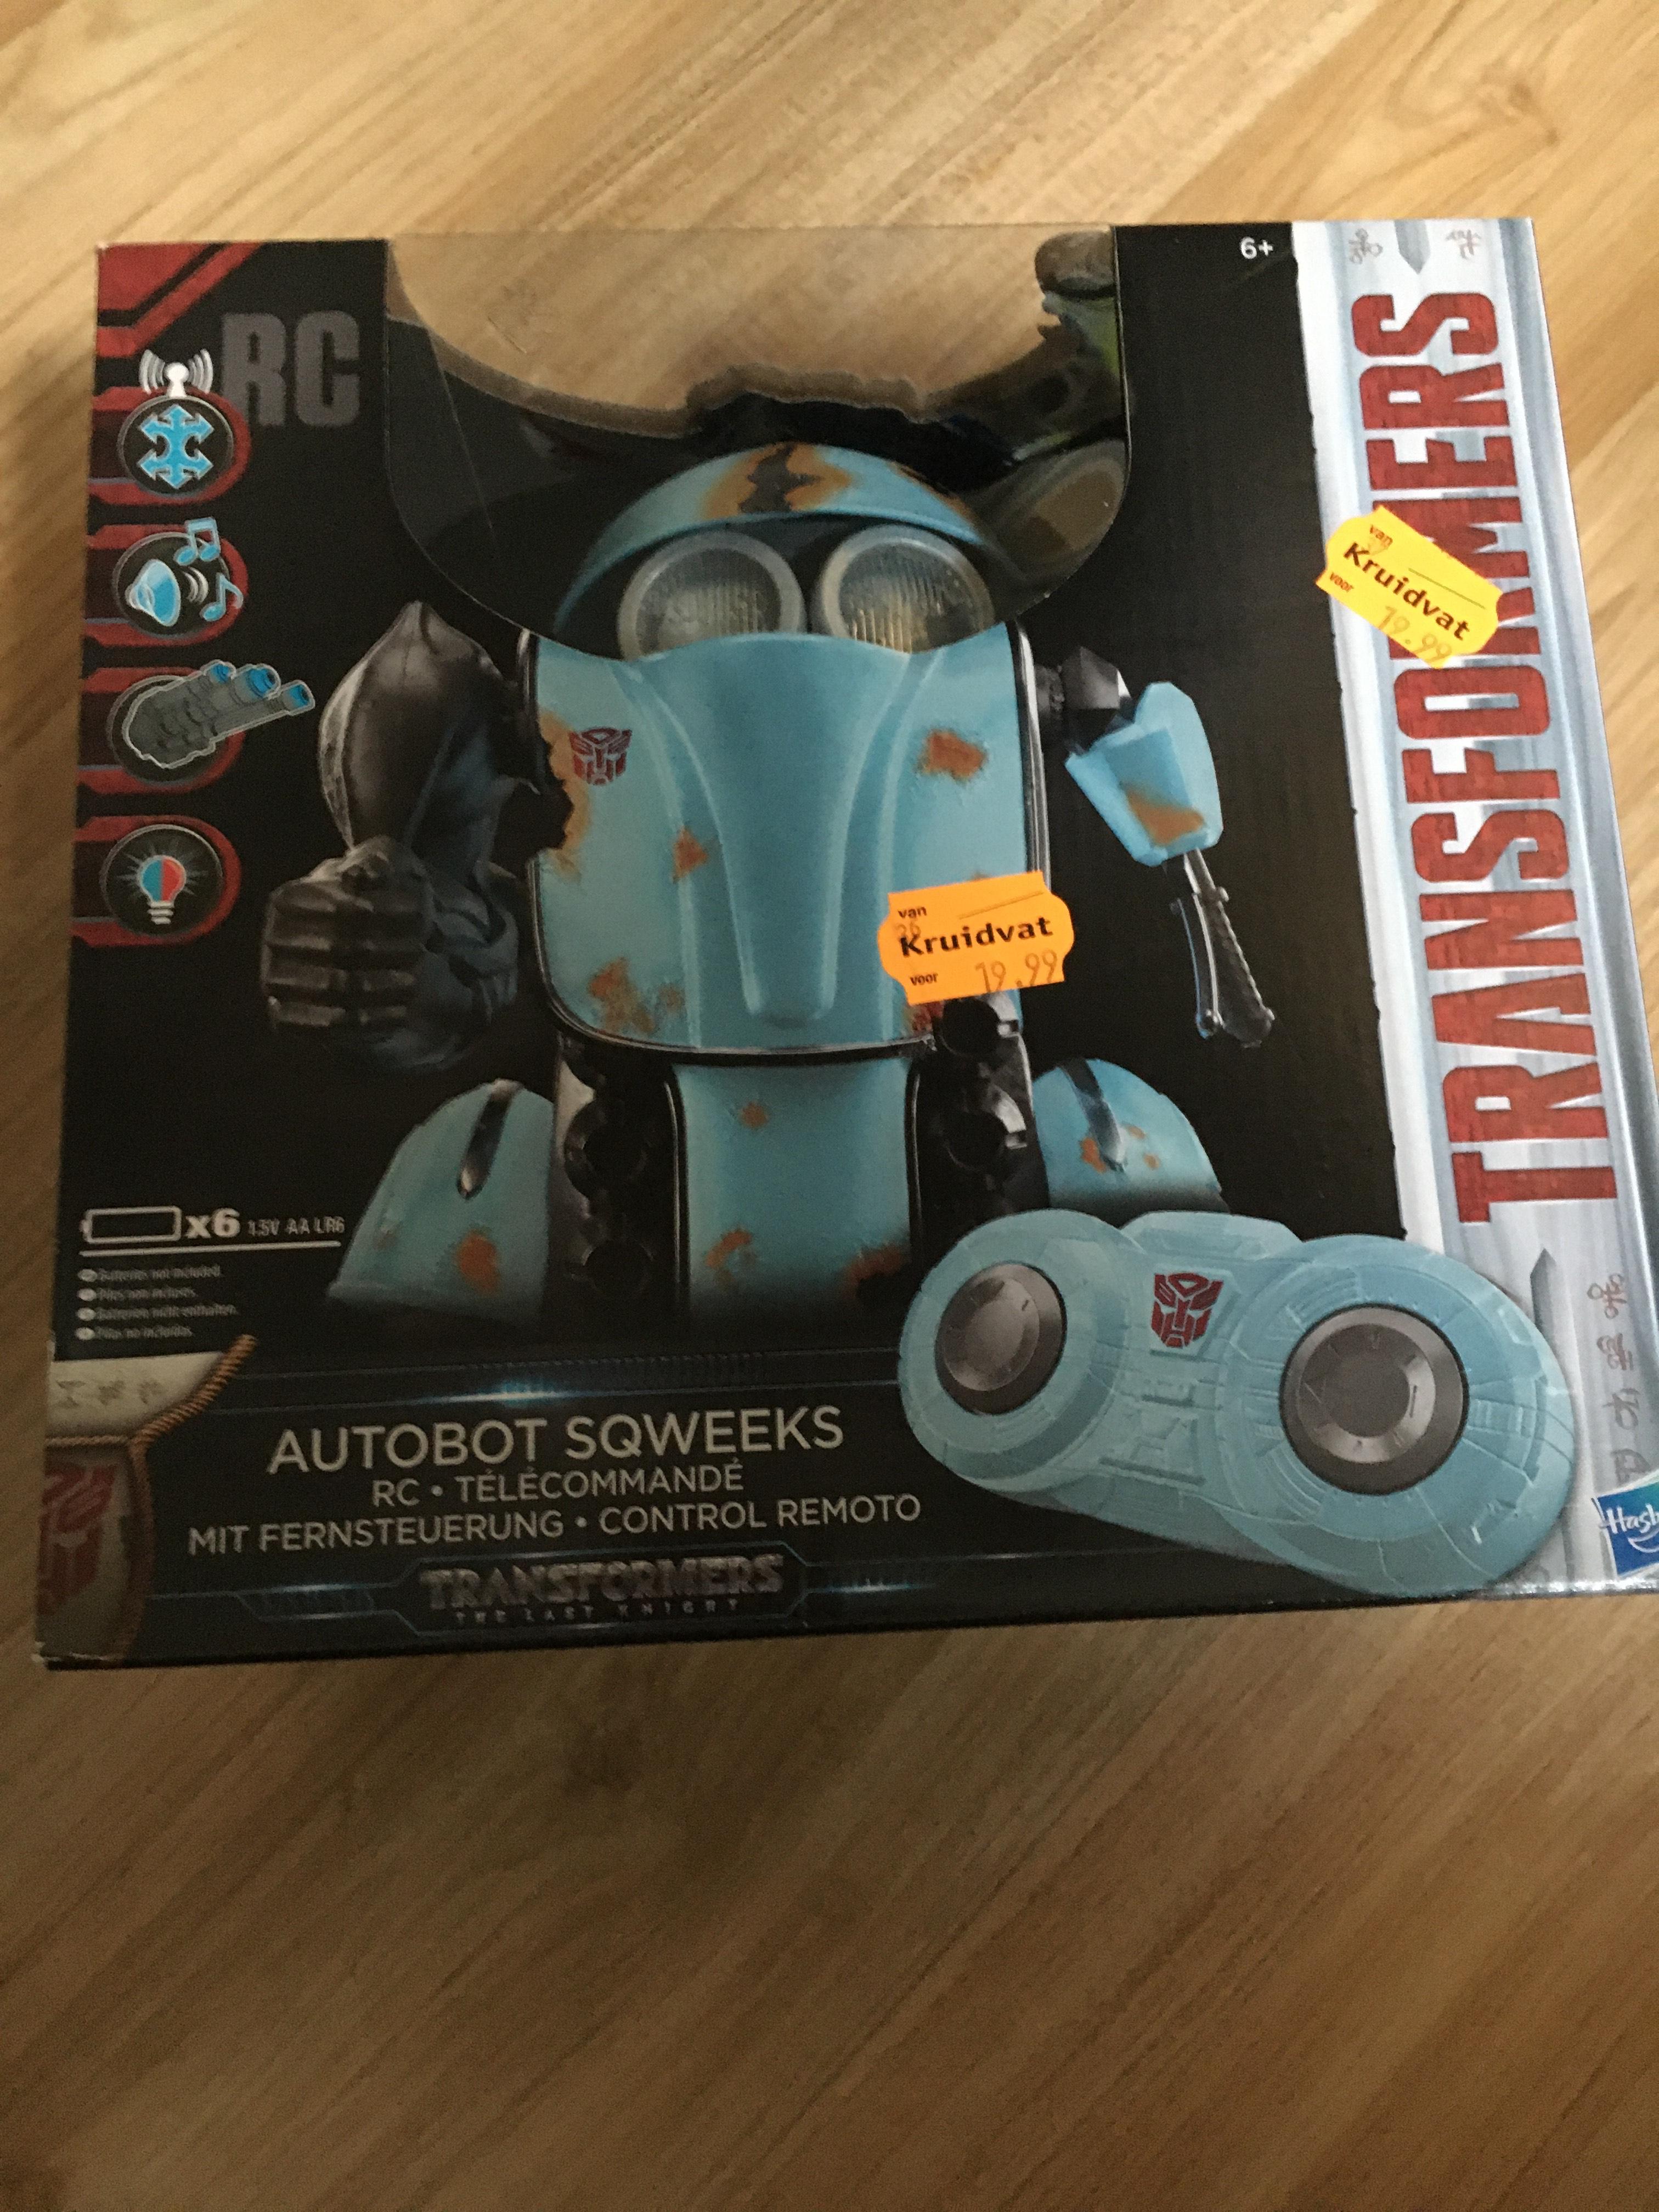 Transformers autobot sqweeks @ Kruidvat